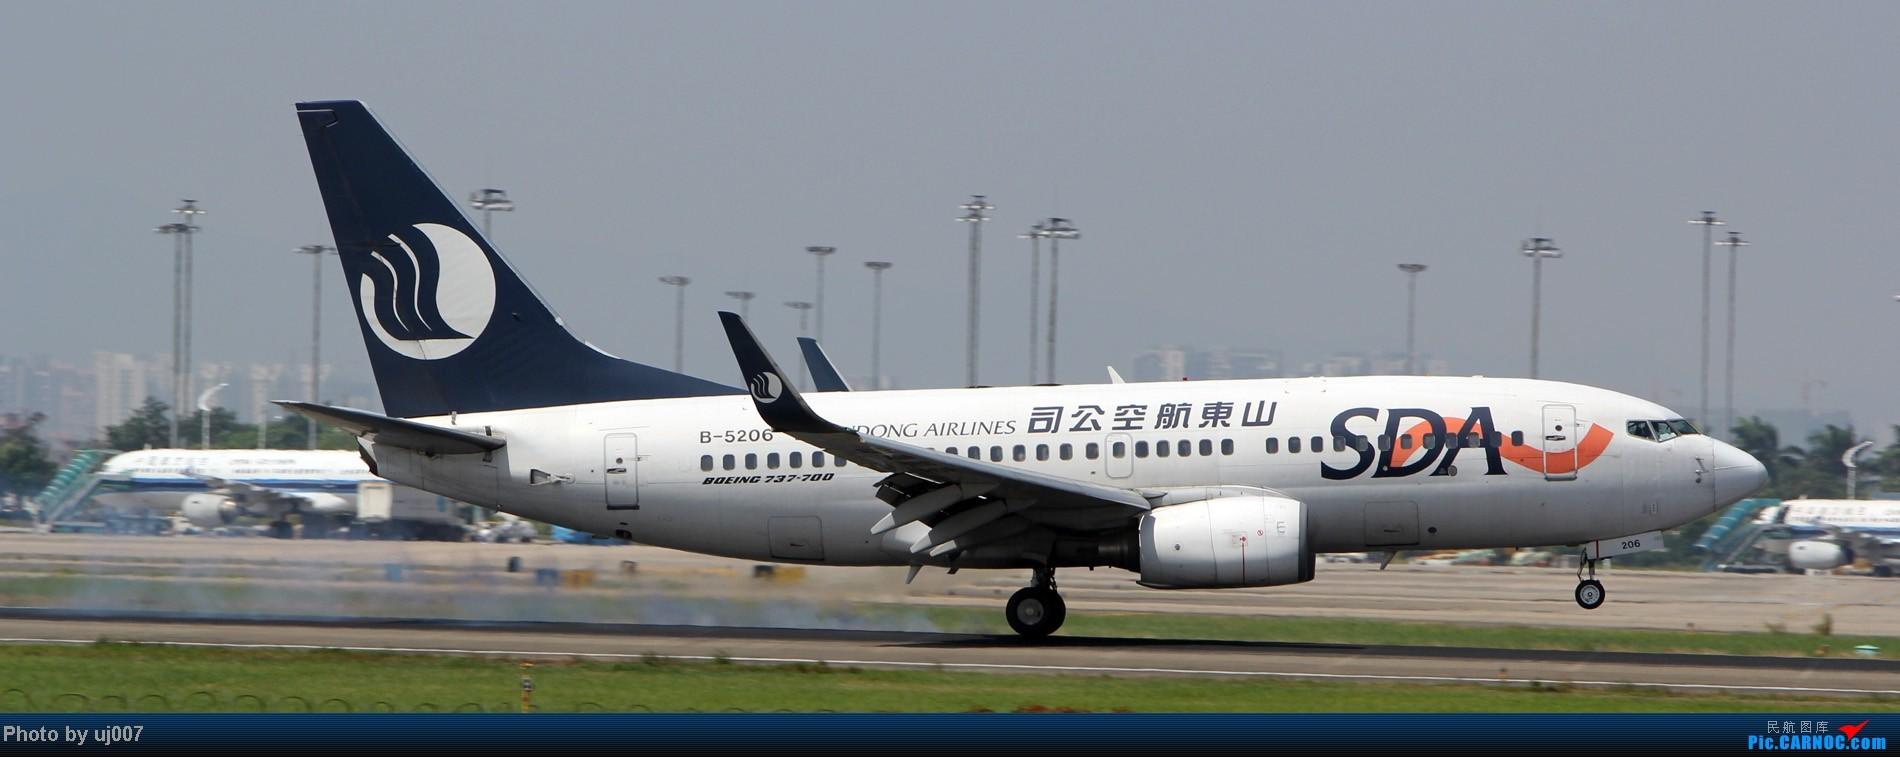 Re:[原创]10月2日白云拍机(大飞机,特别妆,外航,闪灯,擦烟)求指点. BOEING 737-700 B-5206 中国广州白云机场